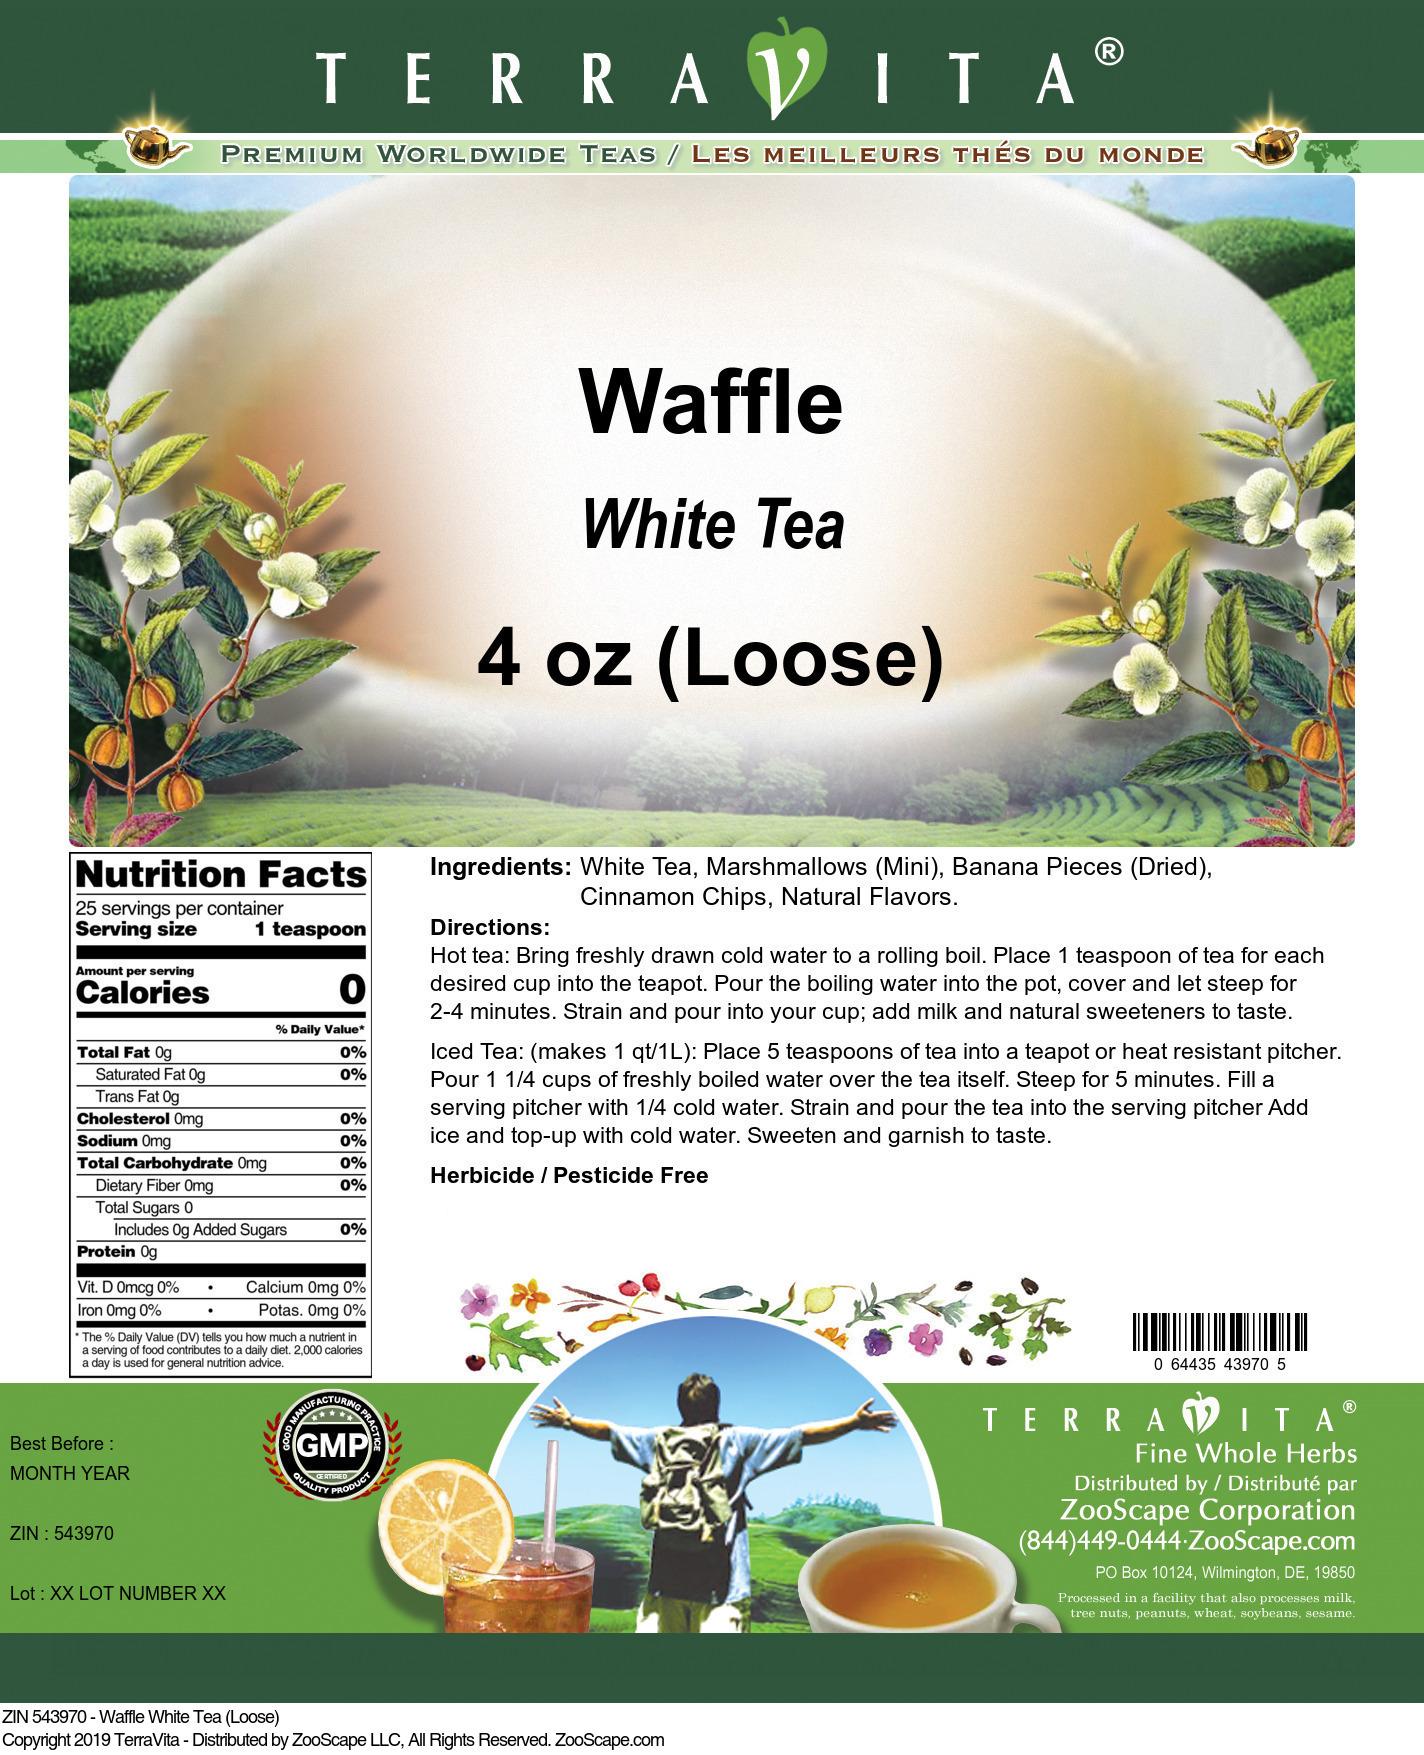 Waffle White Tea (Loose)